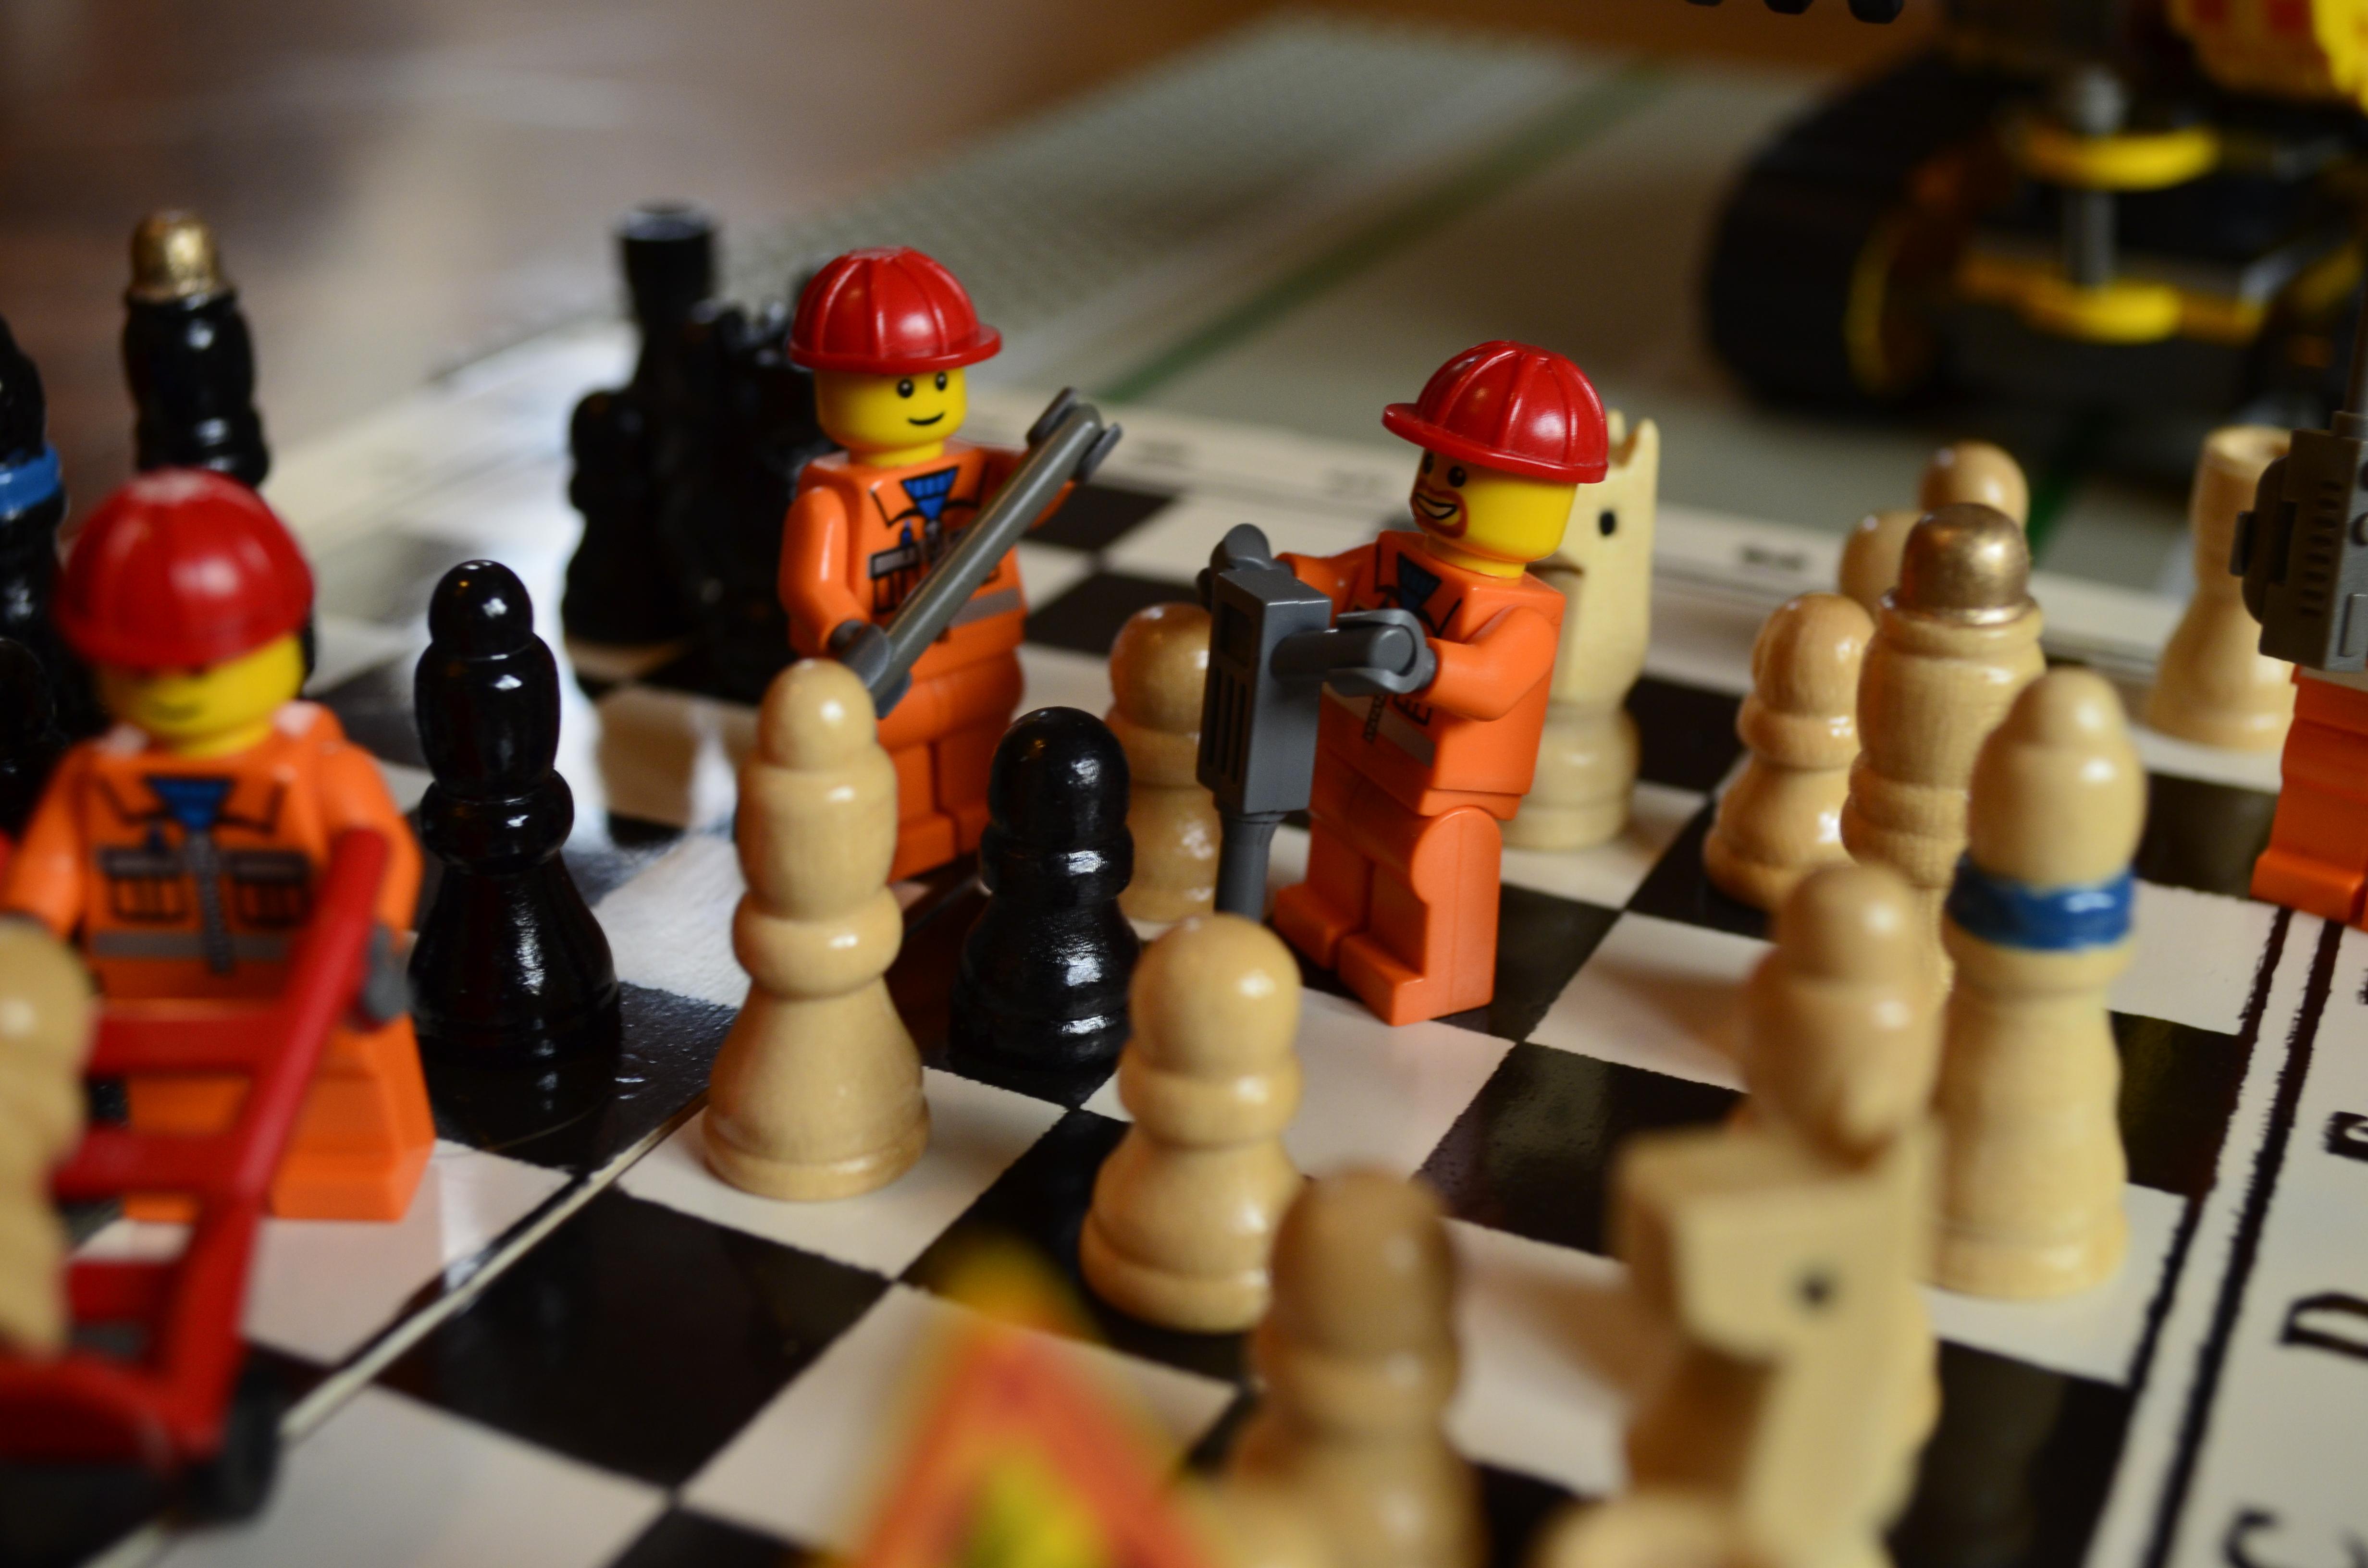 Żołnierzyki lego rozgrywają partię włoską. Zdjęcie - Karol Cieślawski.